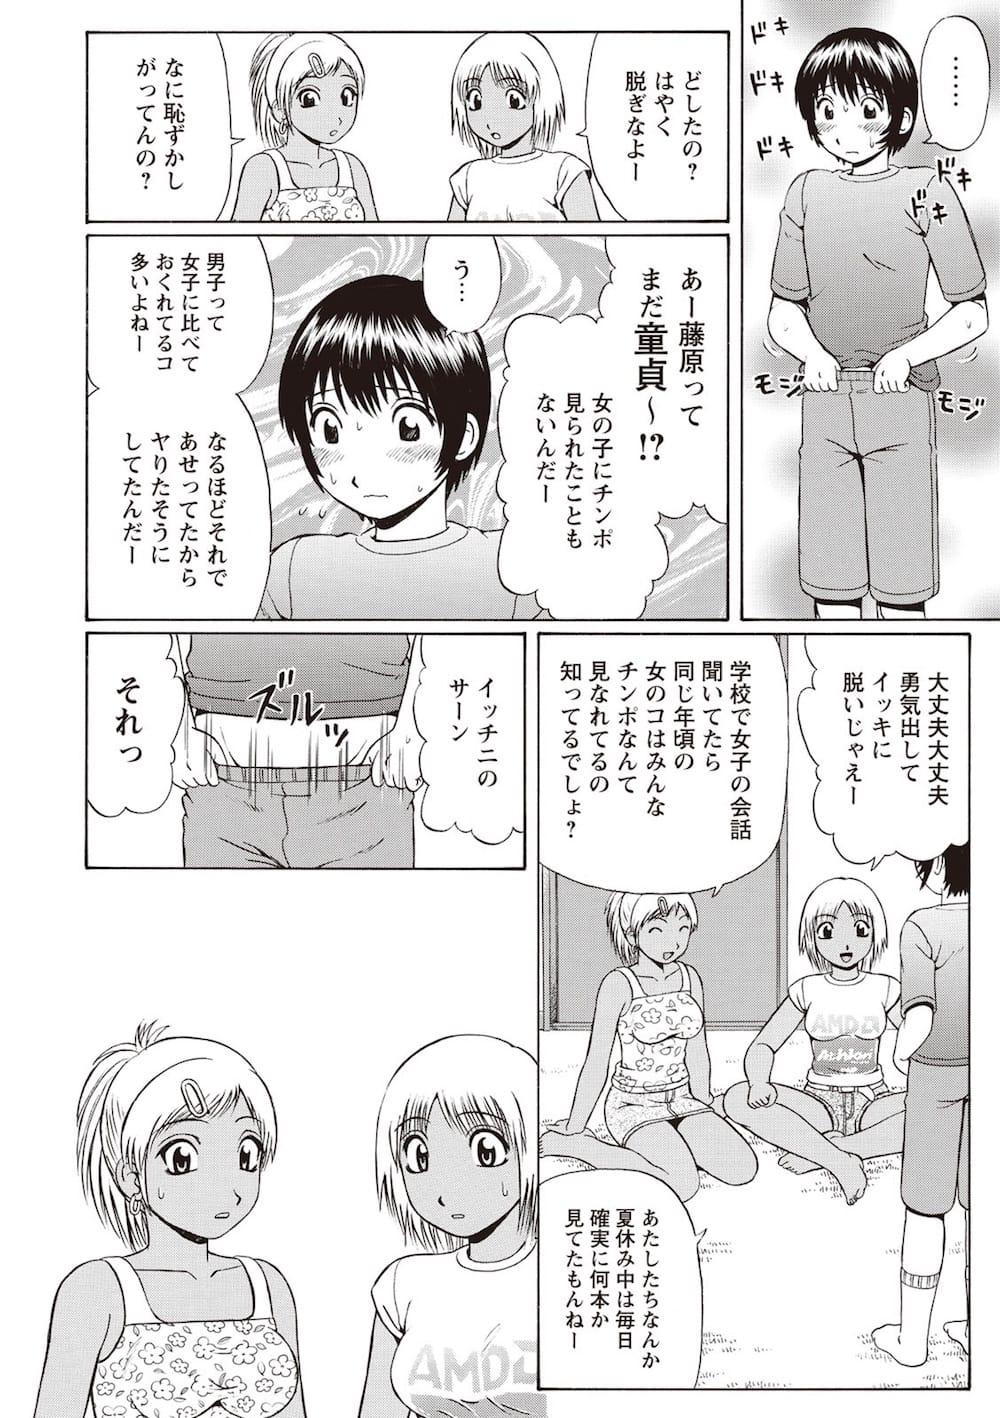 【エロ漫画】ヤリマンギャルなJK二人組!彼女達の宿題をしたらお礼に筆おろしSEXさせてくれた!200チンポをハメてきたビッチマンコに中出し!【にったじゅん】